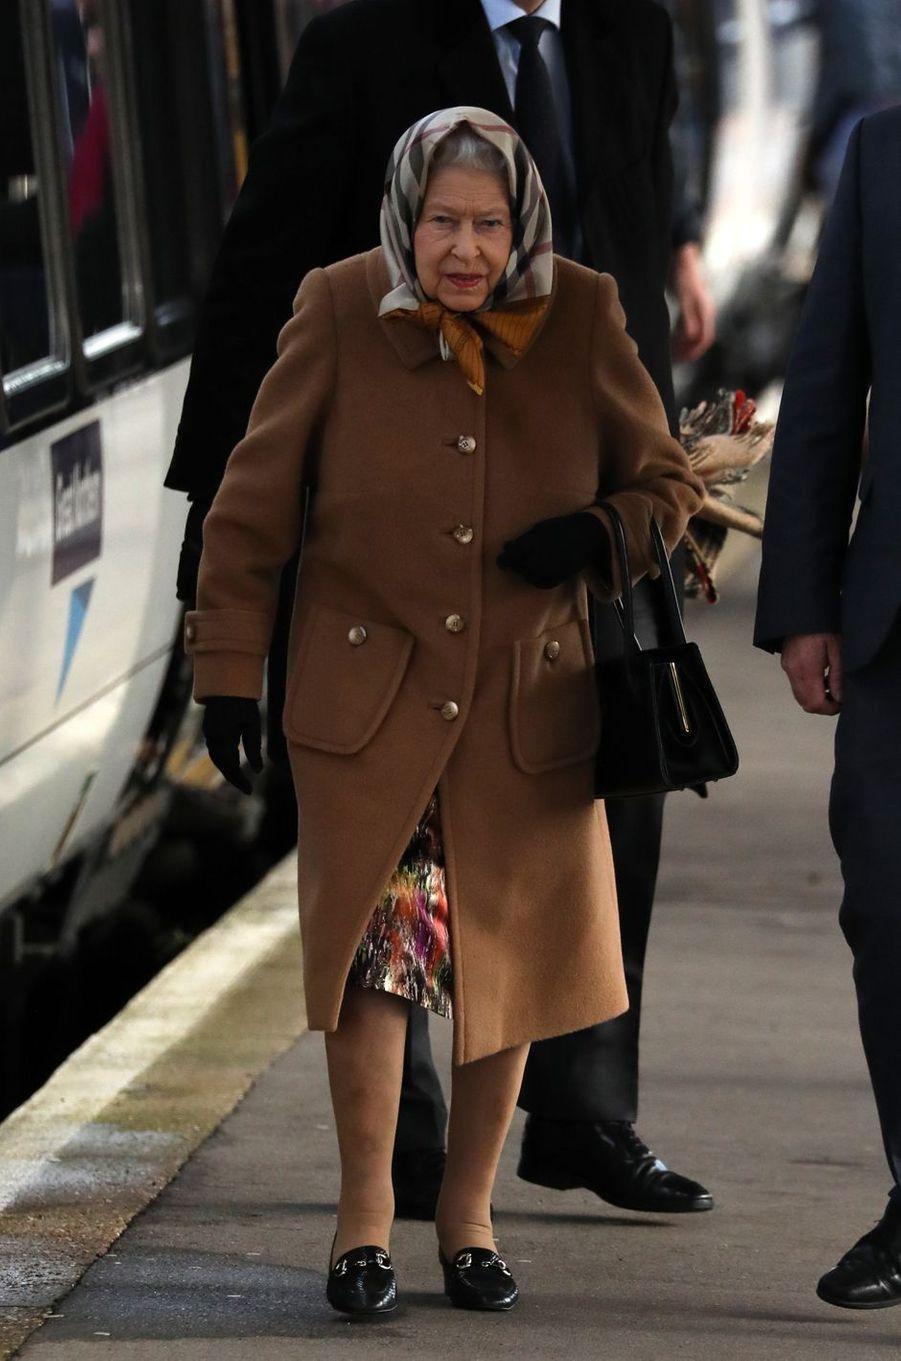 La reine Elizabeth II à la gare de King's Lynn, le 20 décembre 2018